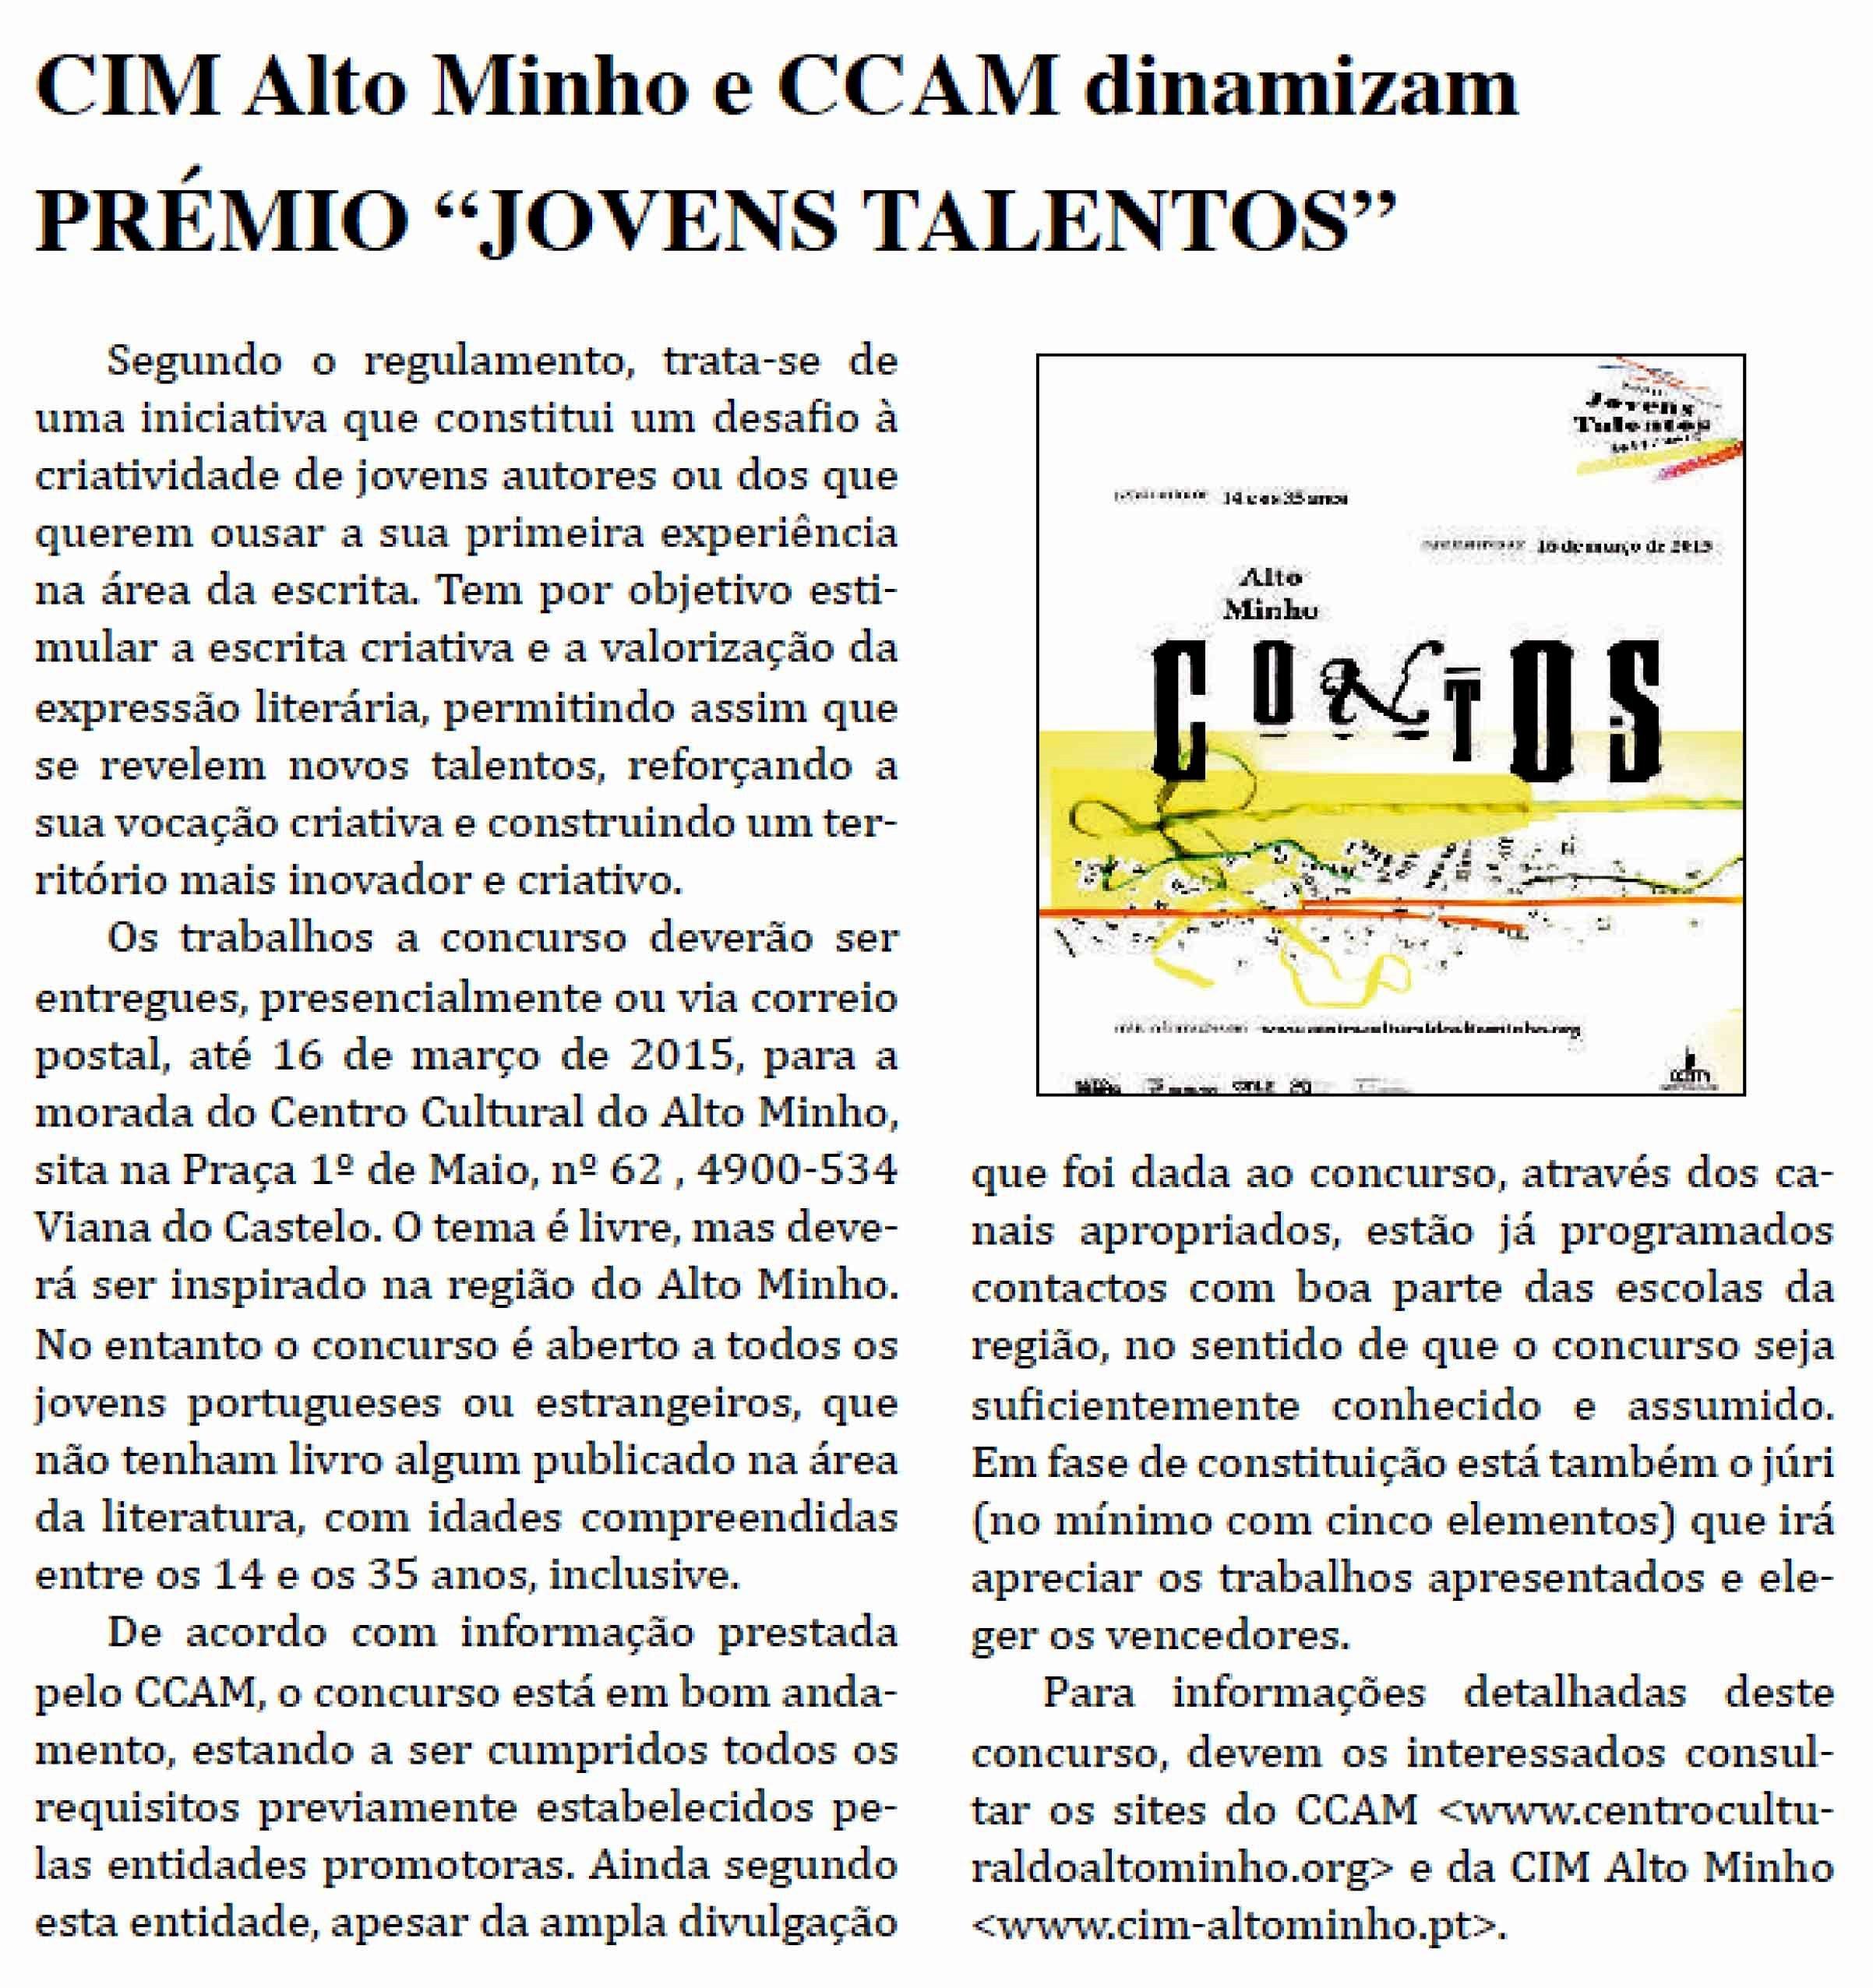 https://sites.google.com/a/centroculturaldoaltominho.org/ccam/actividades-realizadas/2015/Jovens_Talentos.jpg